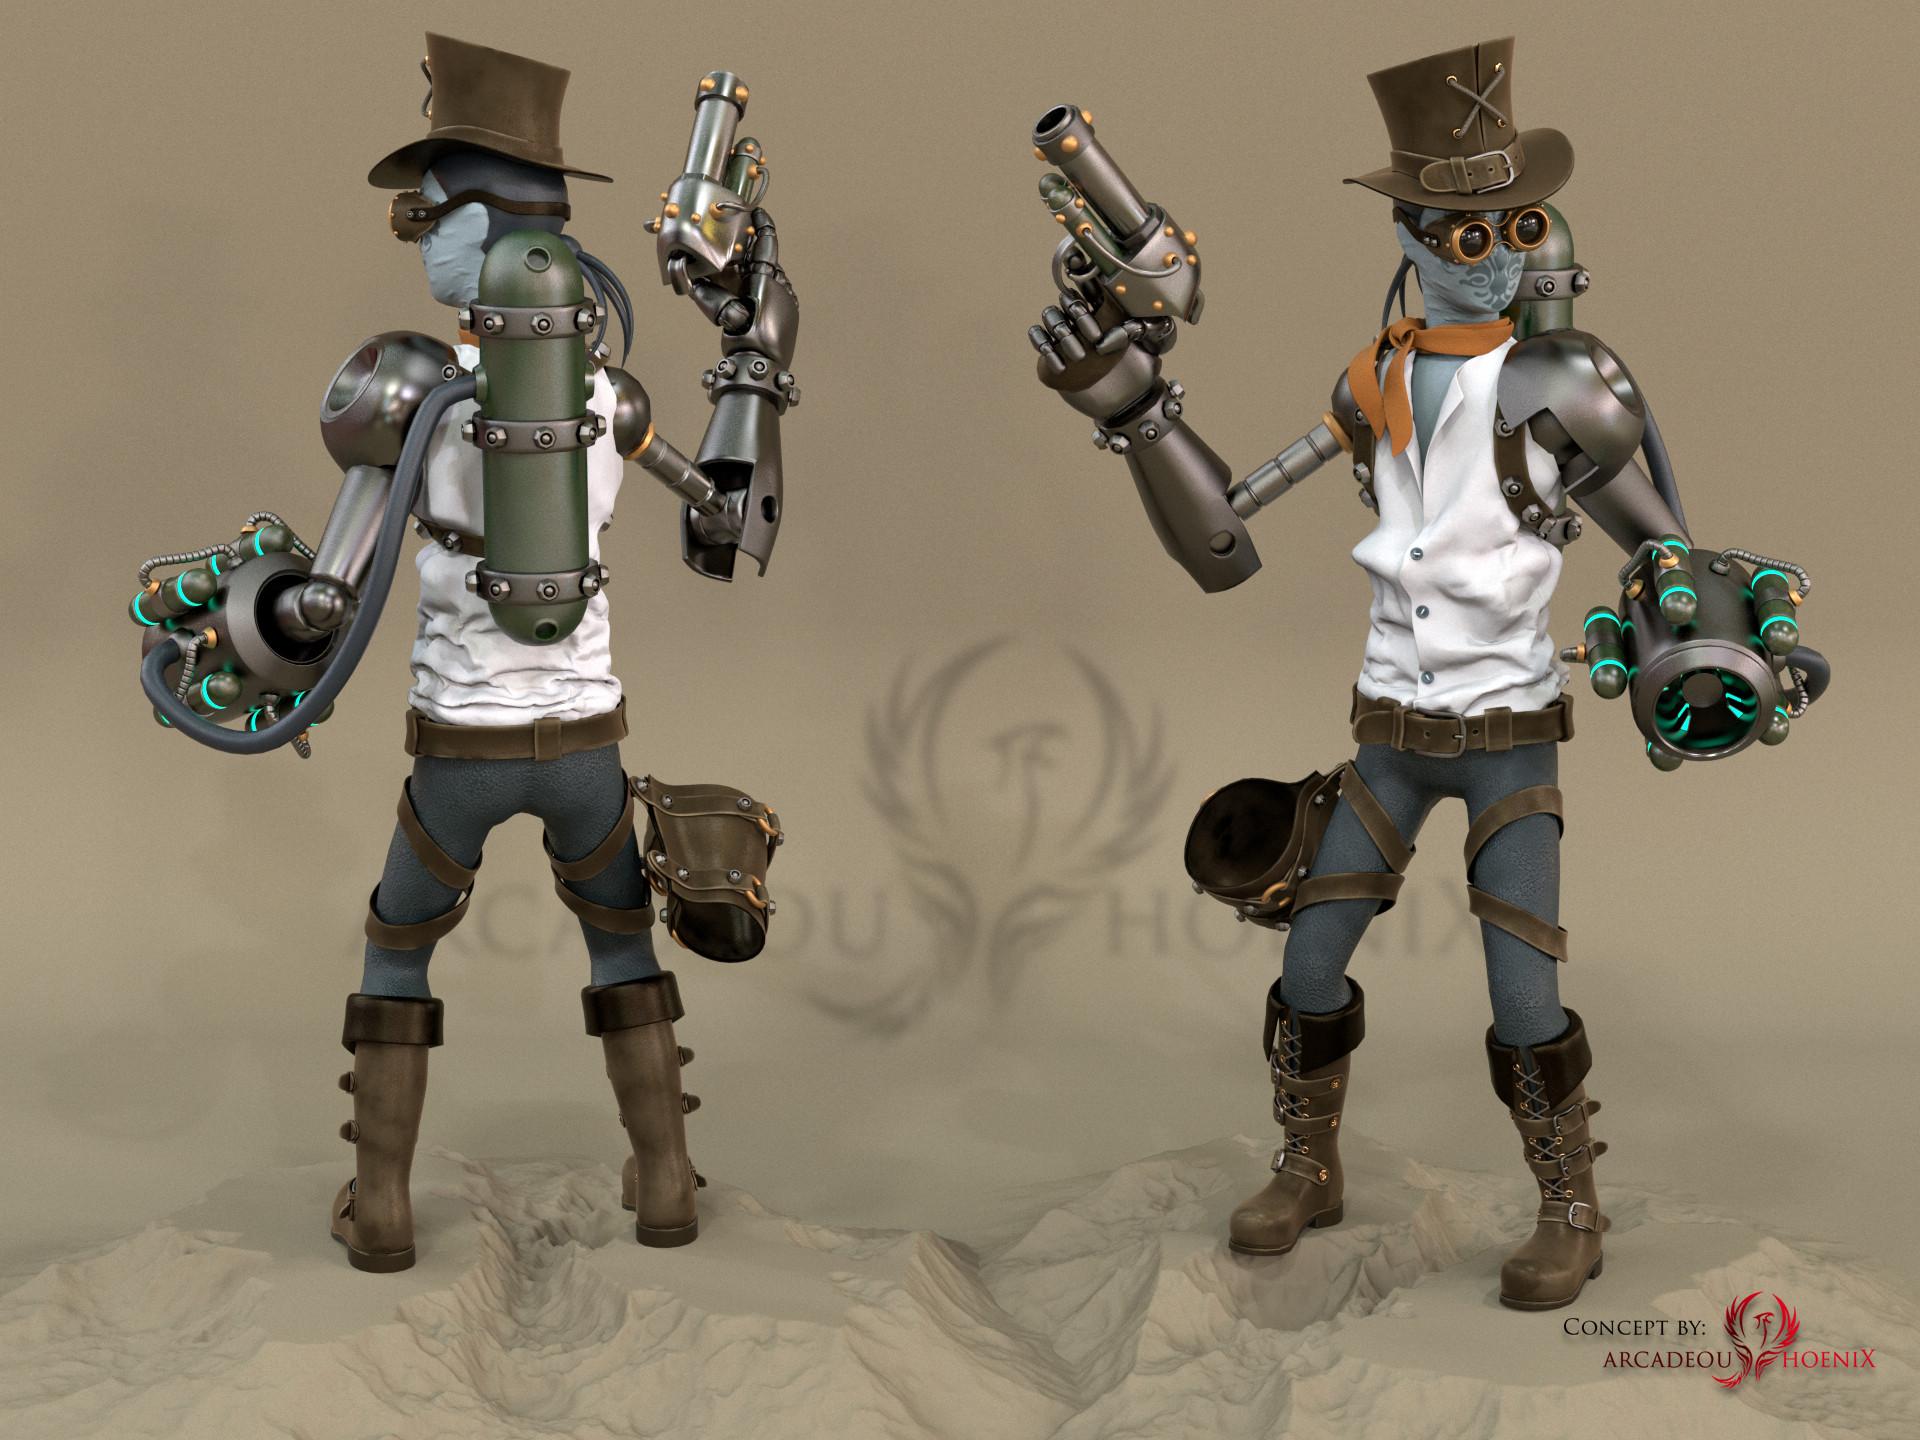 Arcadeous phoenix steampunk char 5